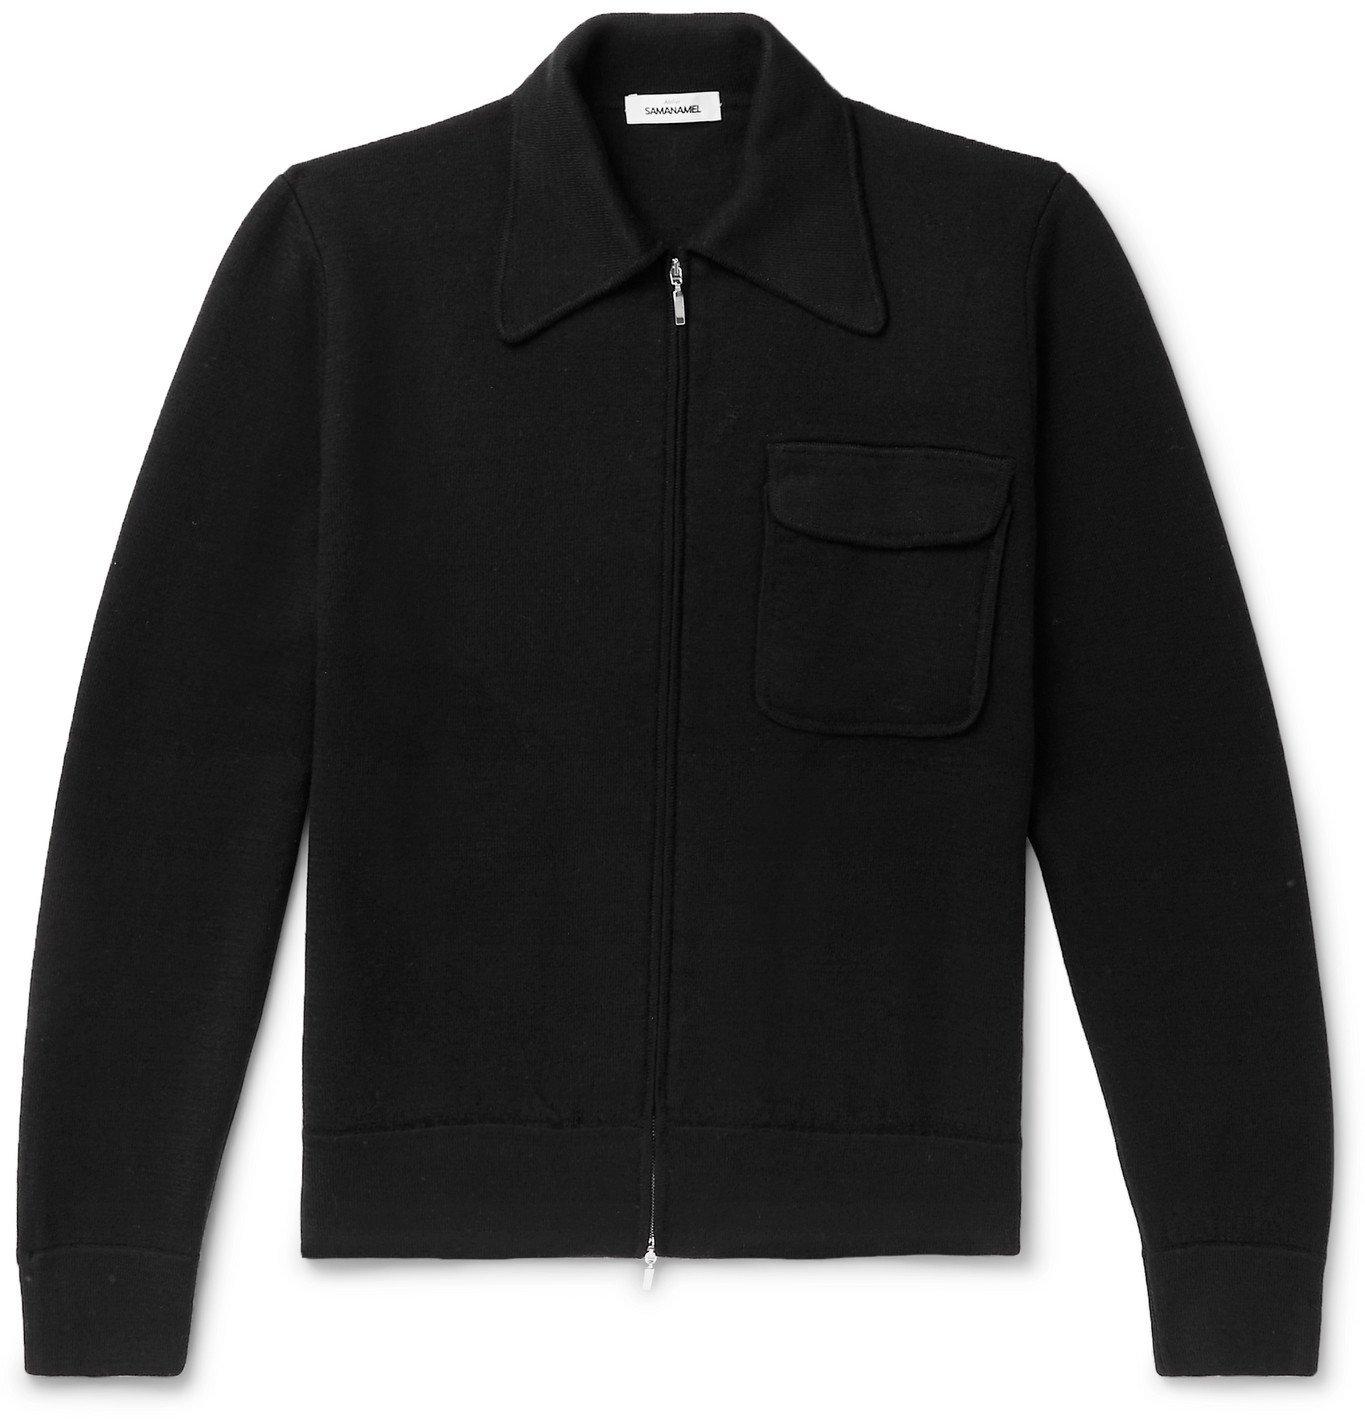 Saman Amel - Merino Wool Zip-Up Cardigan - Black